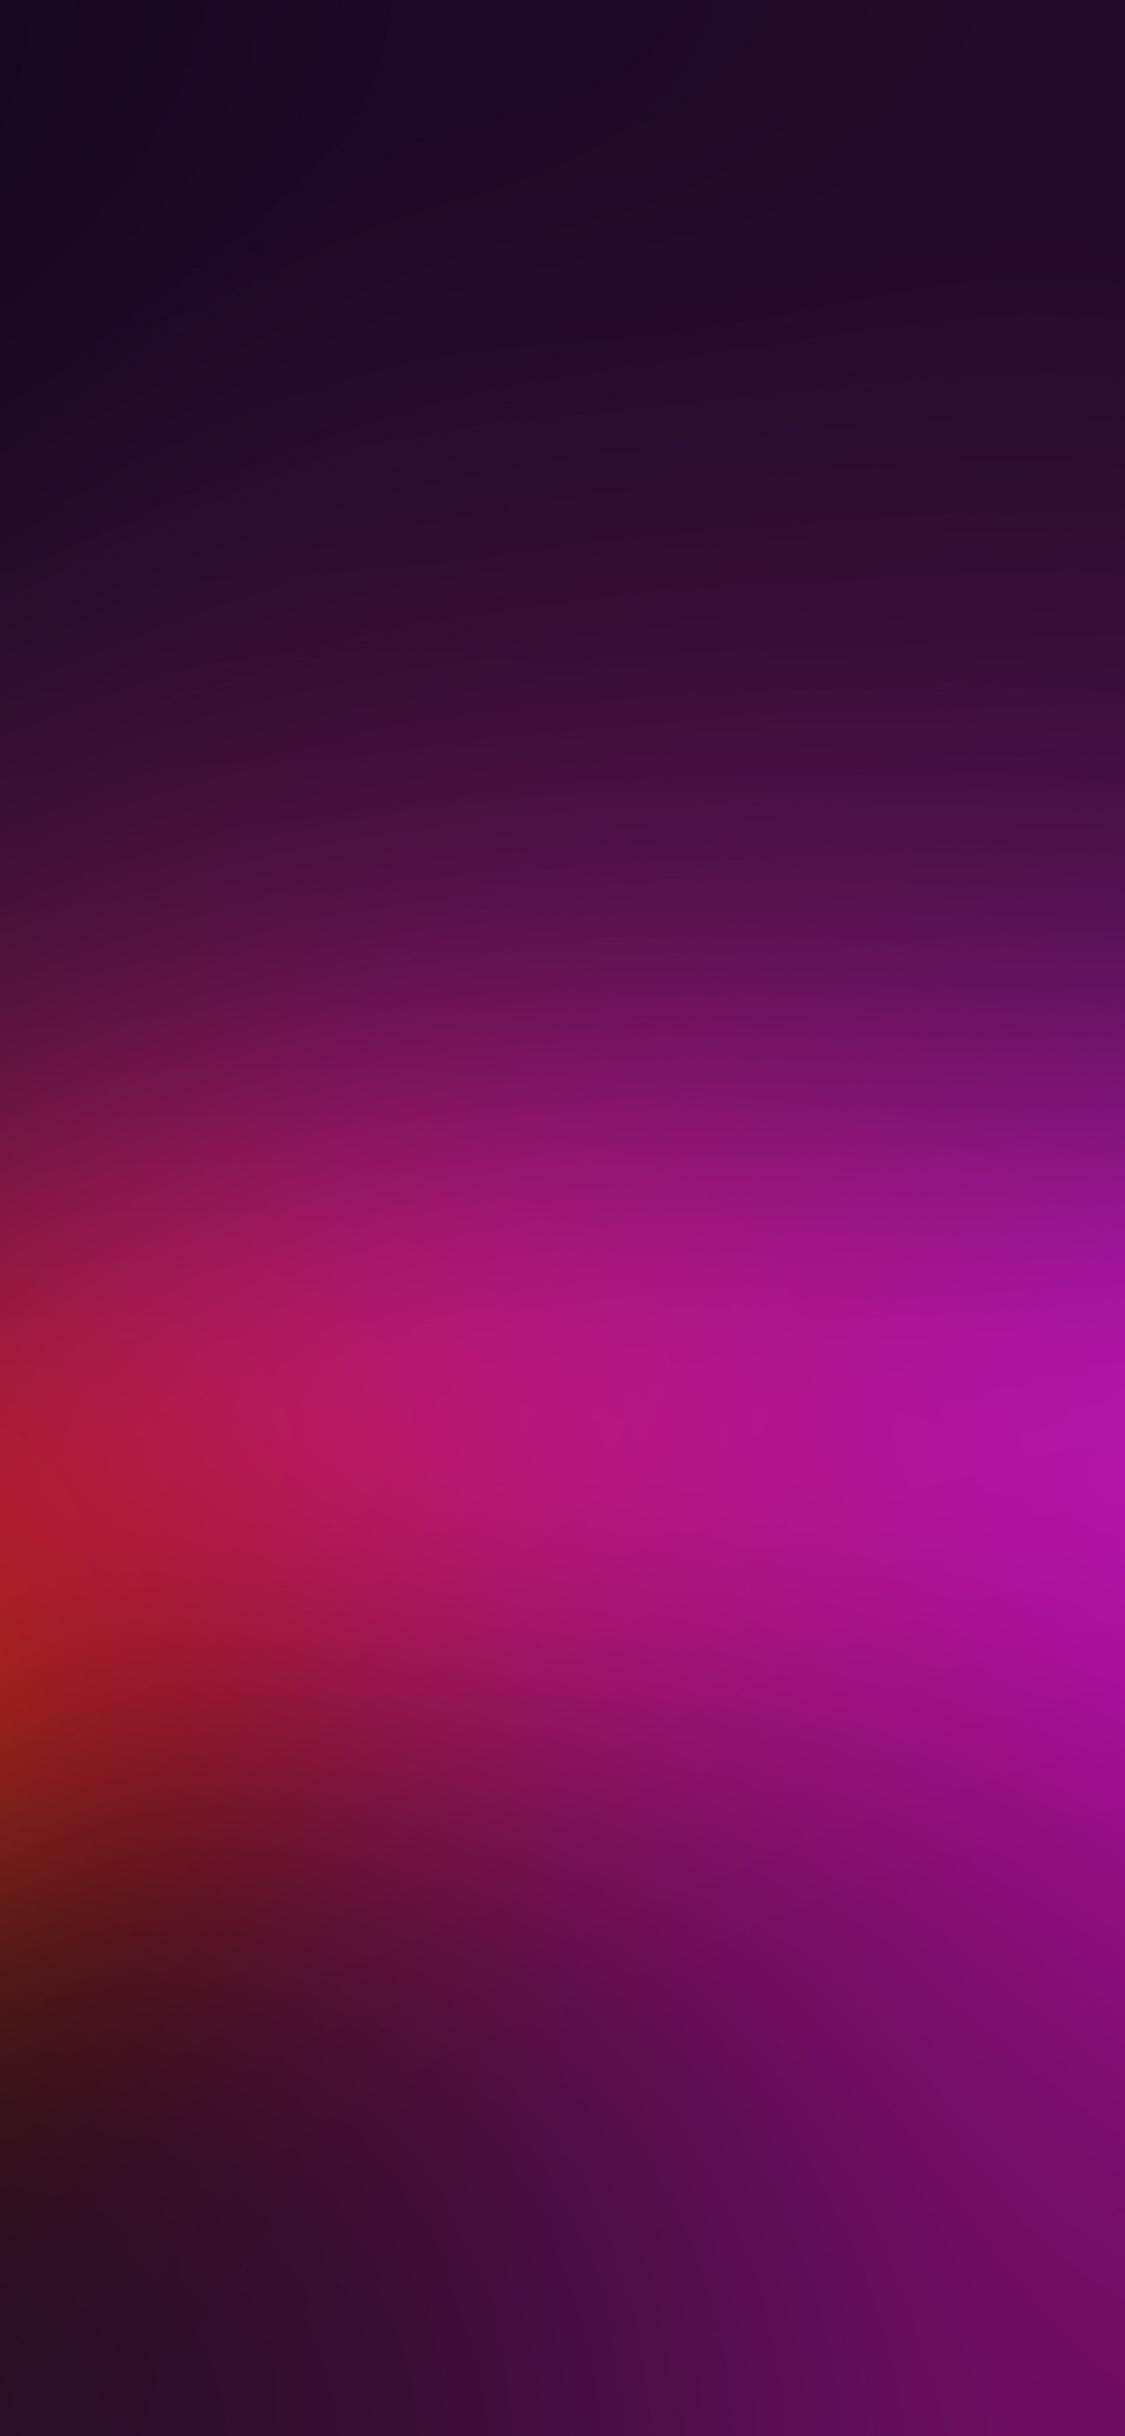 iPhoneXpapers.com-Apple-iPhone-wallpaper-sc39-sub-glow-super-model-blur